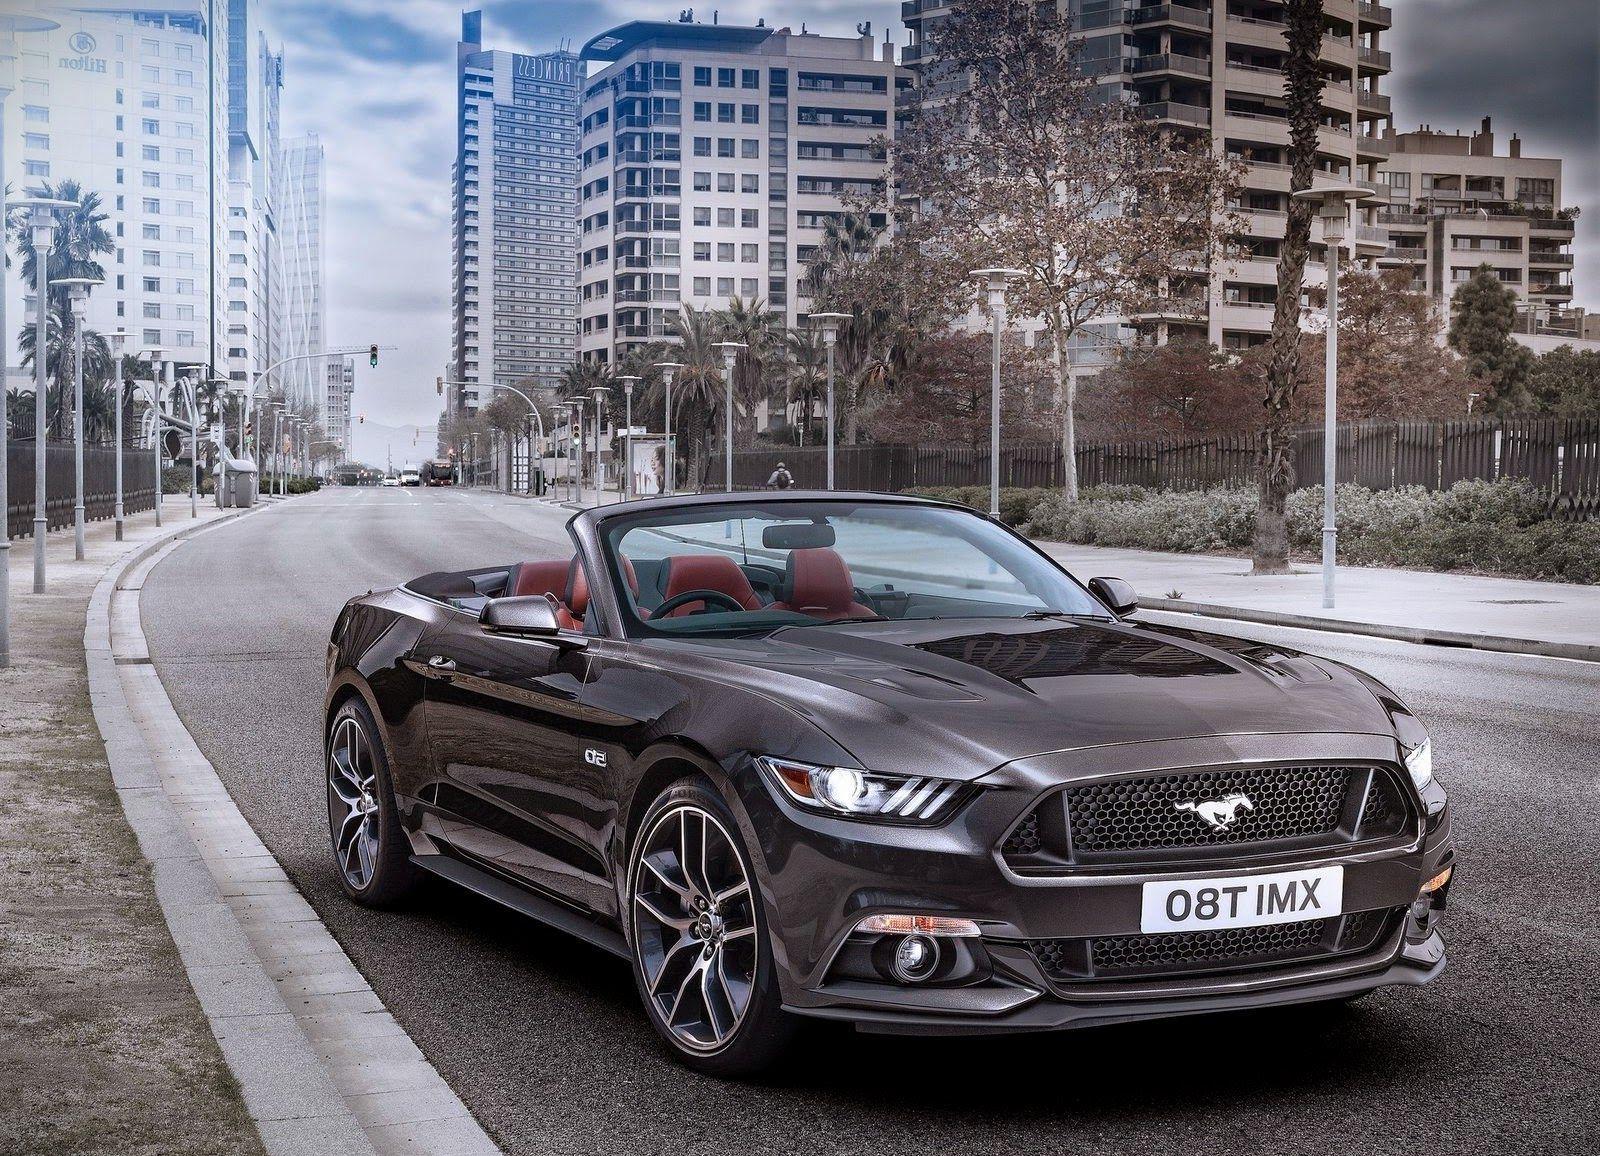 2019 Mustang Mach 1 Price Reviews ยานพาหนะ